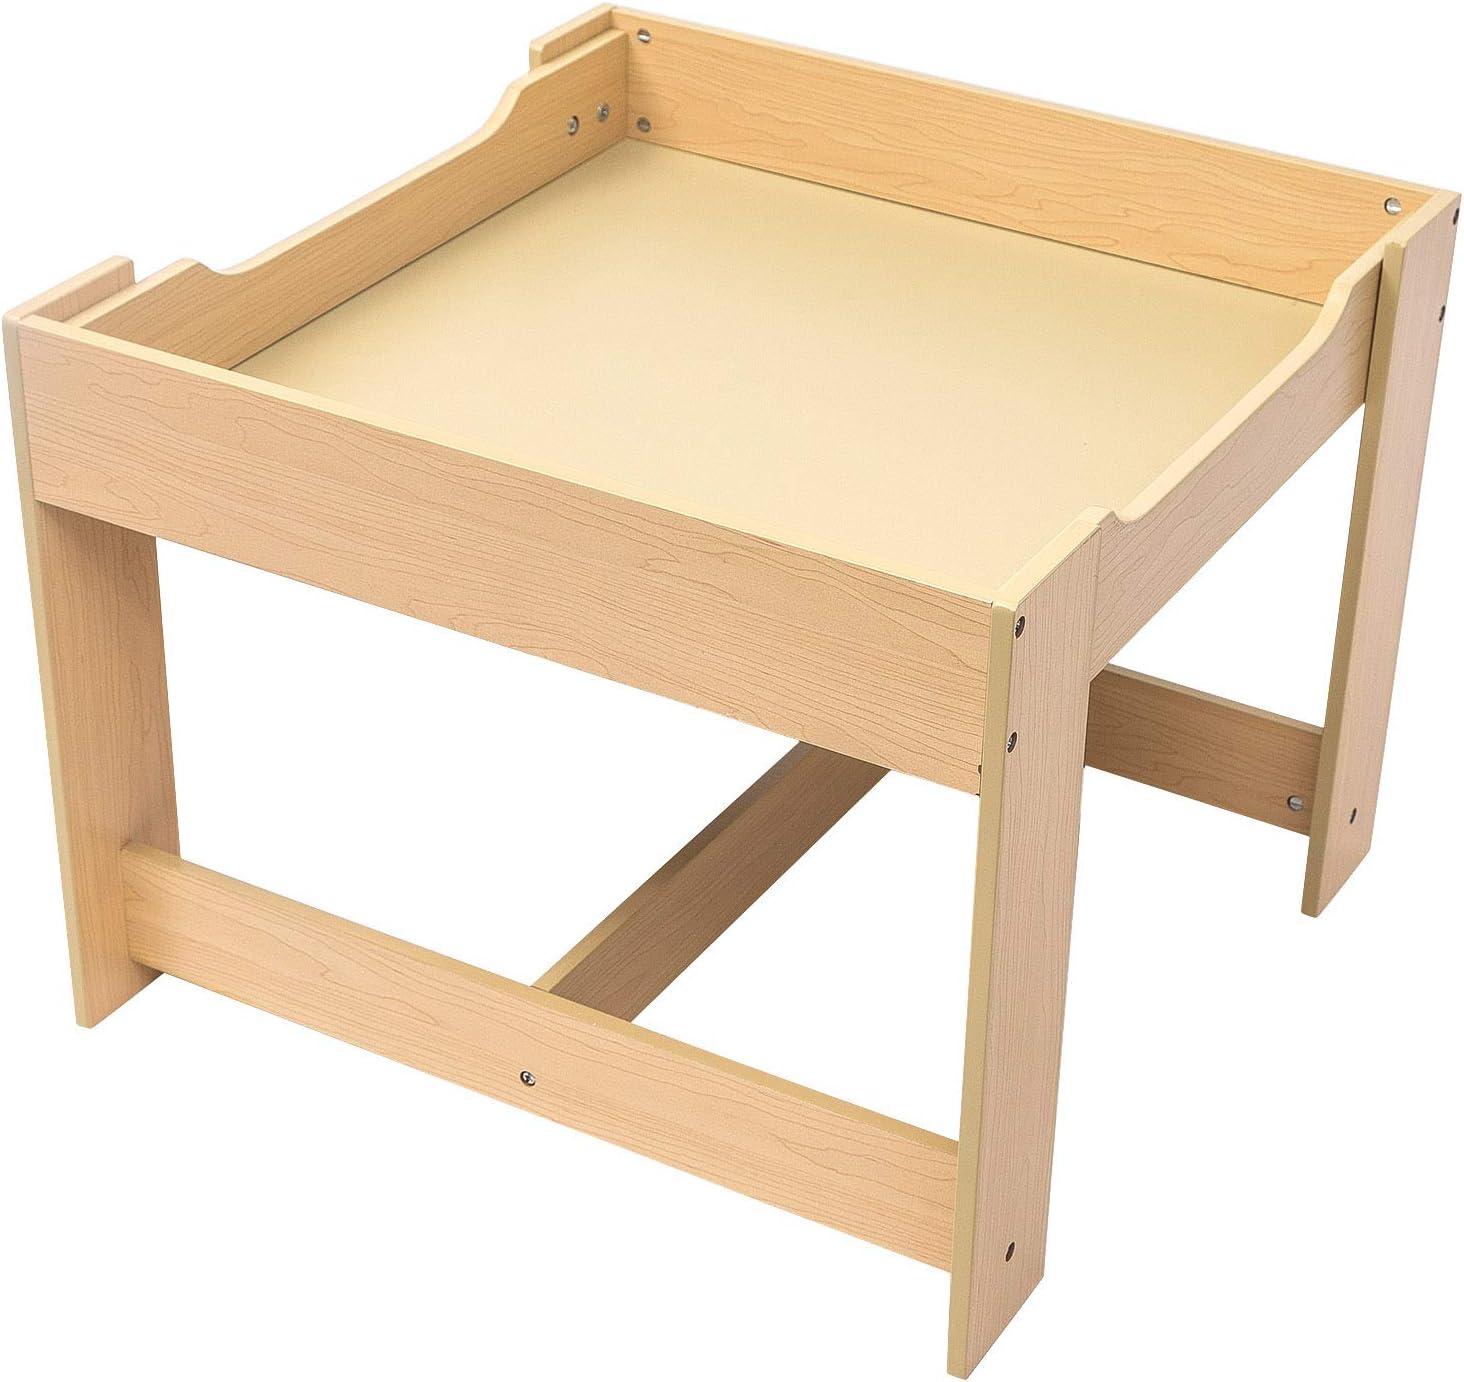 Esituro Tavolino E Sedie Per Bambini Tavolo Da Gioco In Legno Mobili Bambini Scts0005 Set Tavolo E Sedie Casa E Cucina